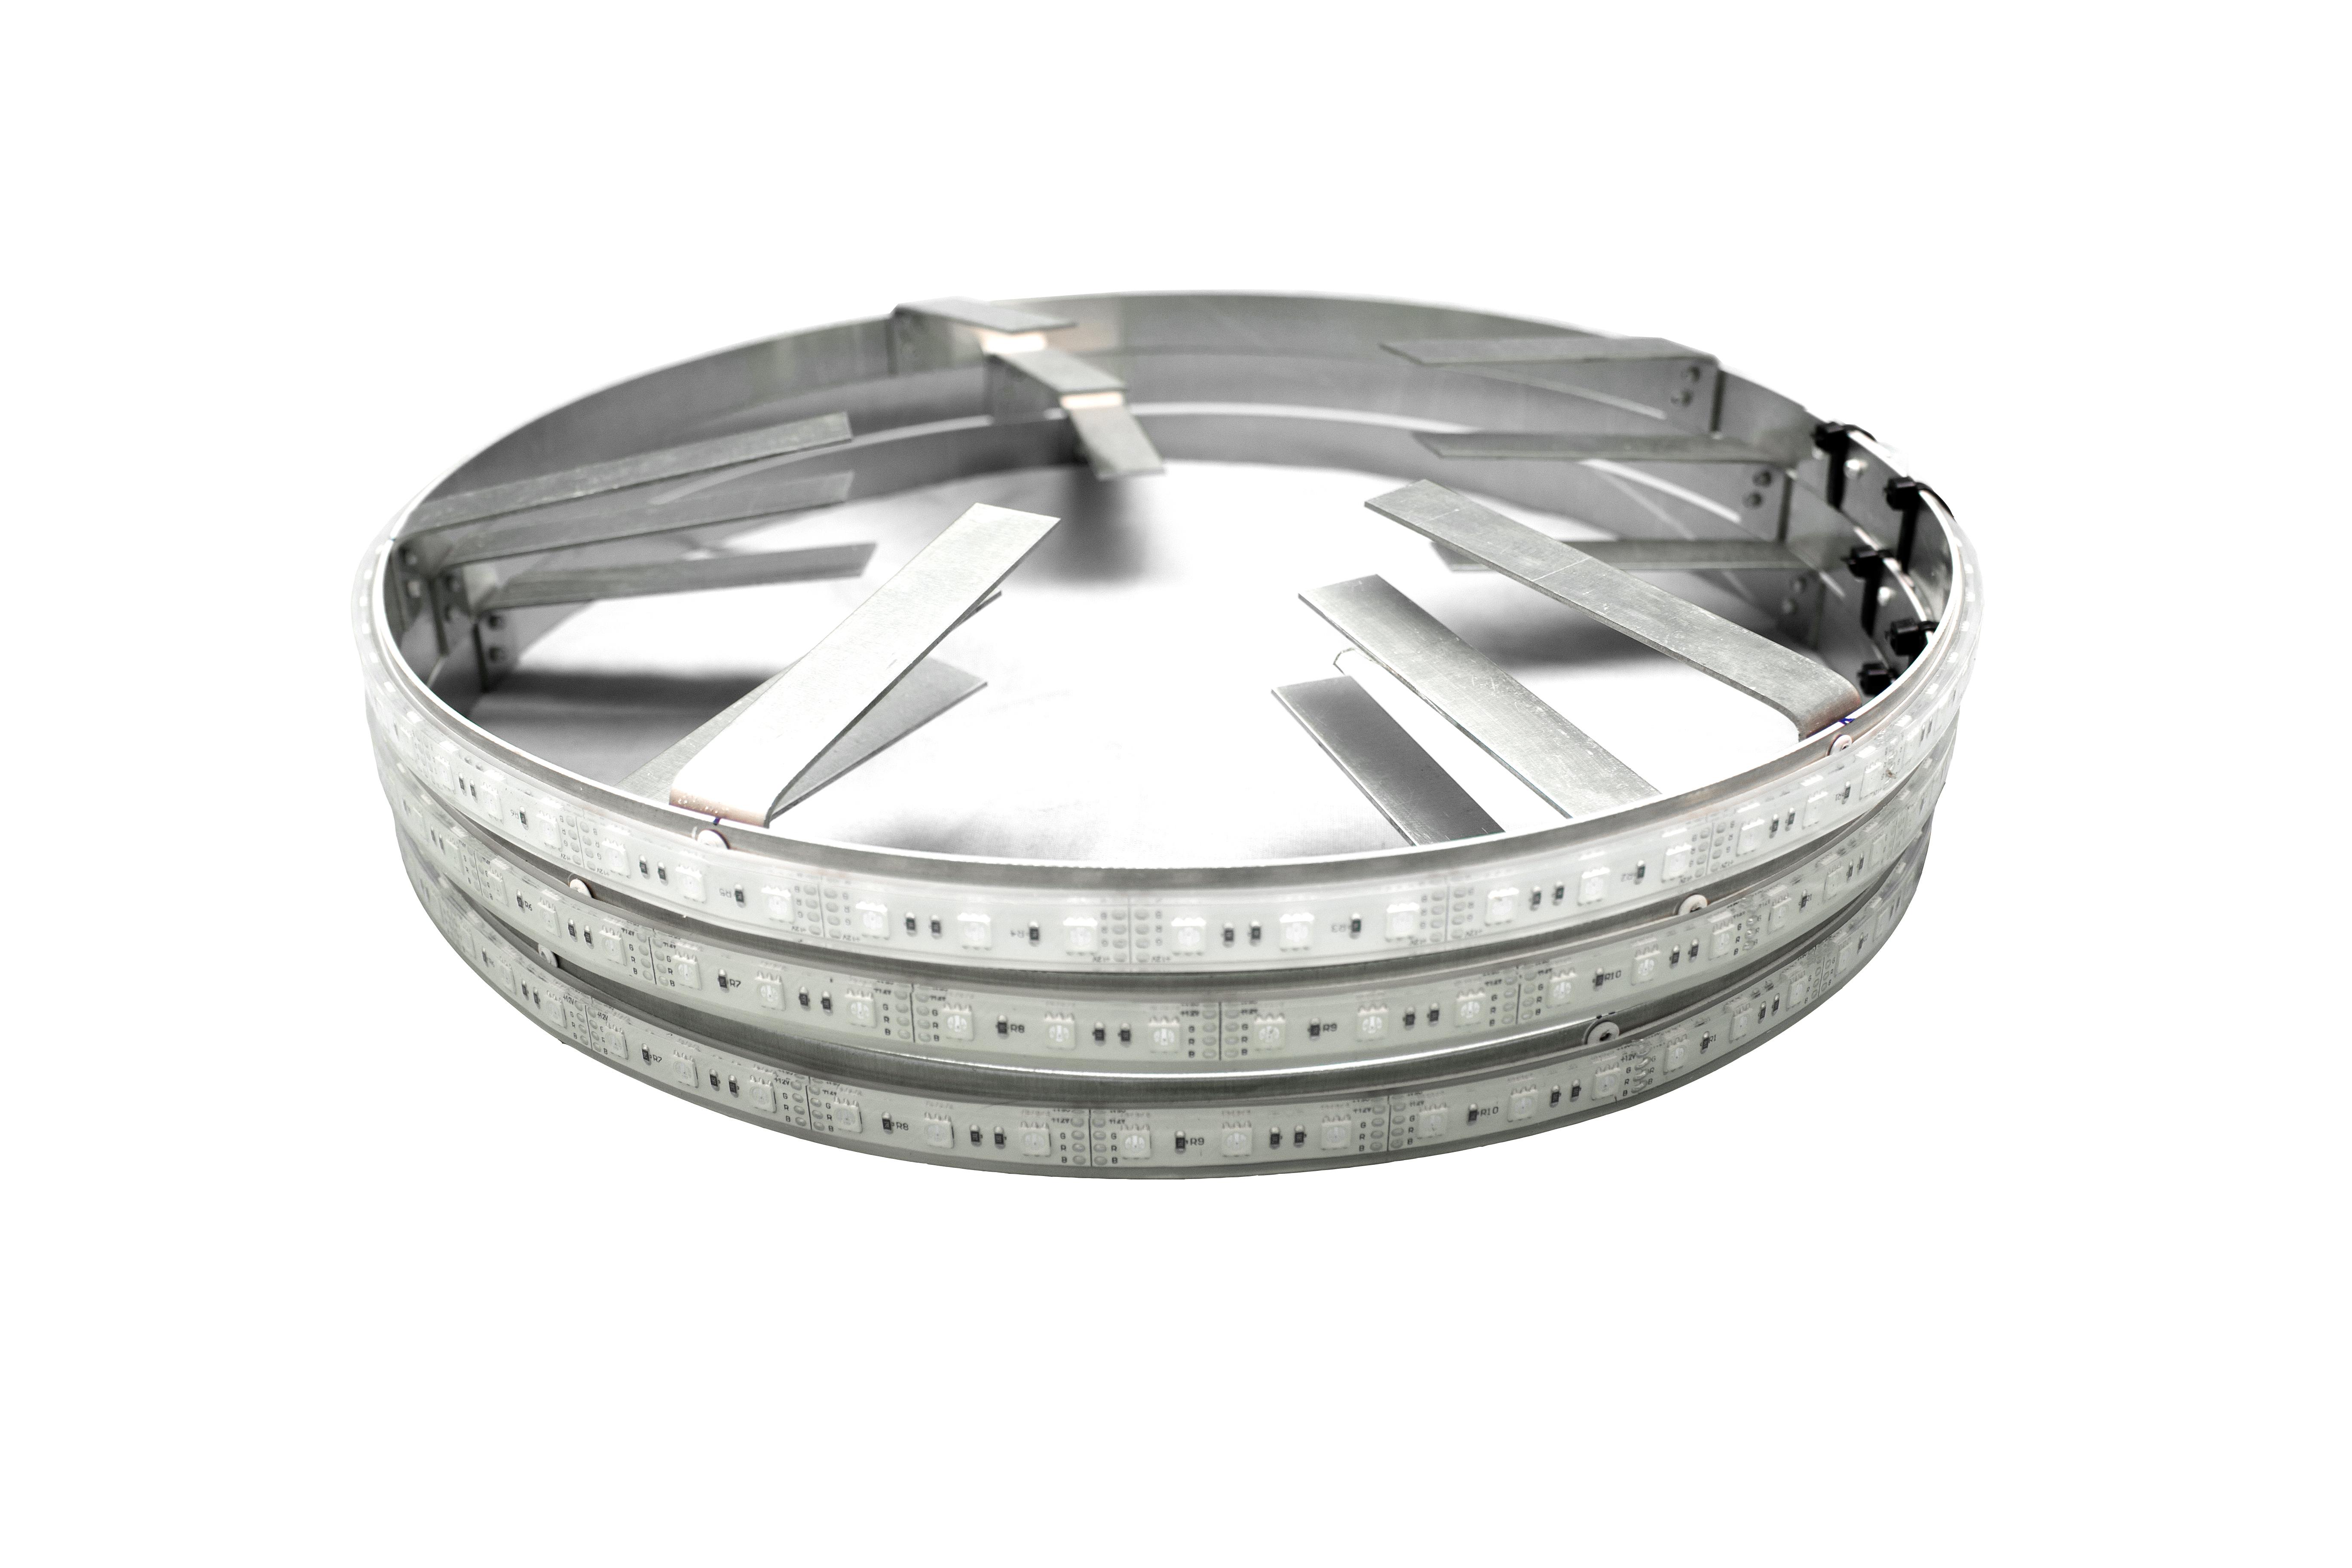 LED Cup Holder Light Insert Fits 2008-2012 Honda Accord Custom White LEDs